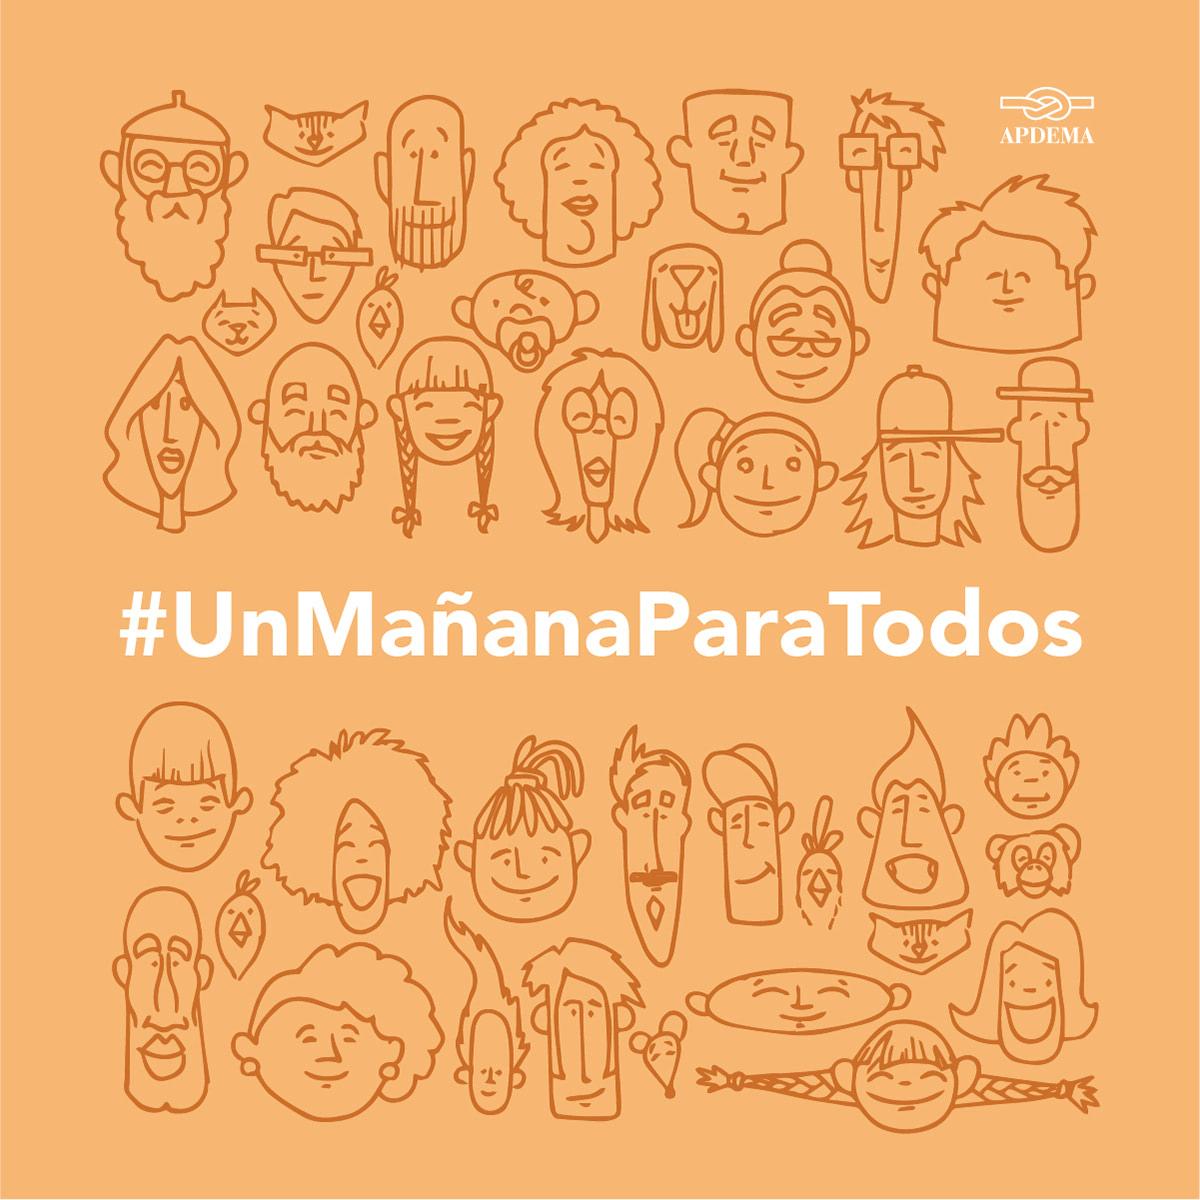 #UnMañanaParaTodos